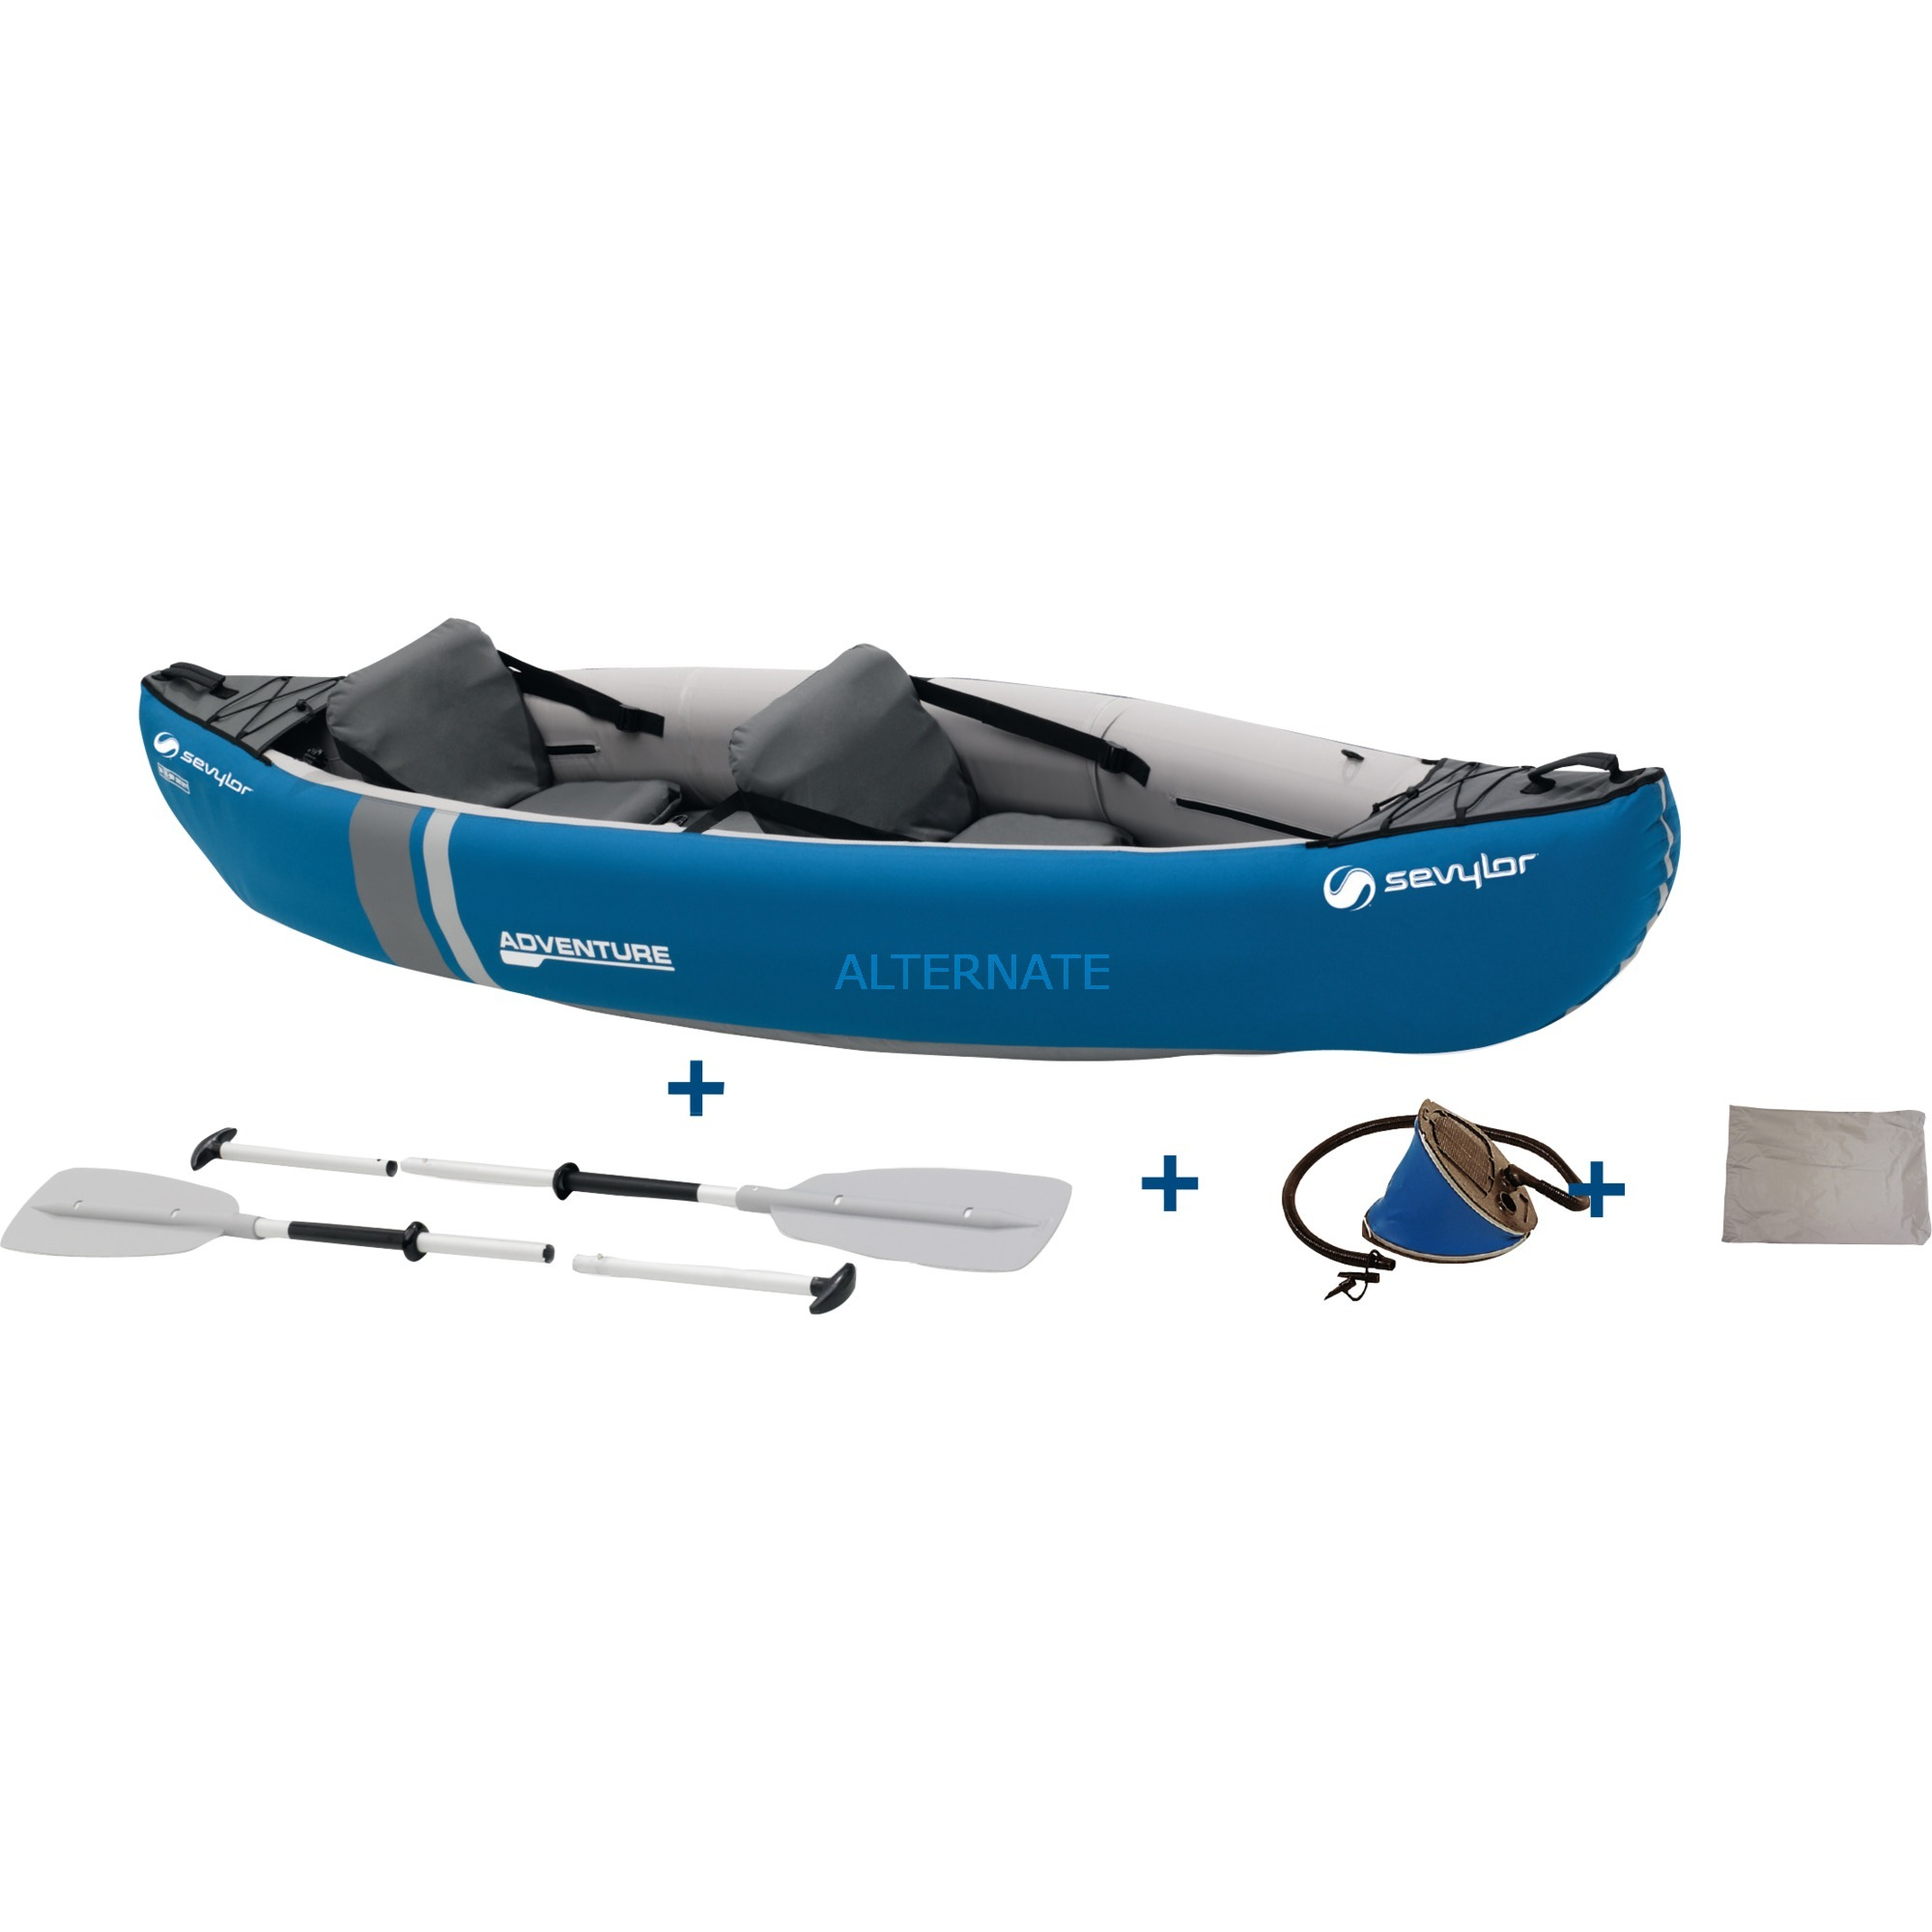 2000009548 barca hinchable, Barco inflable